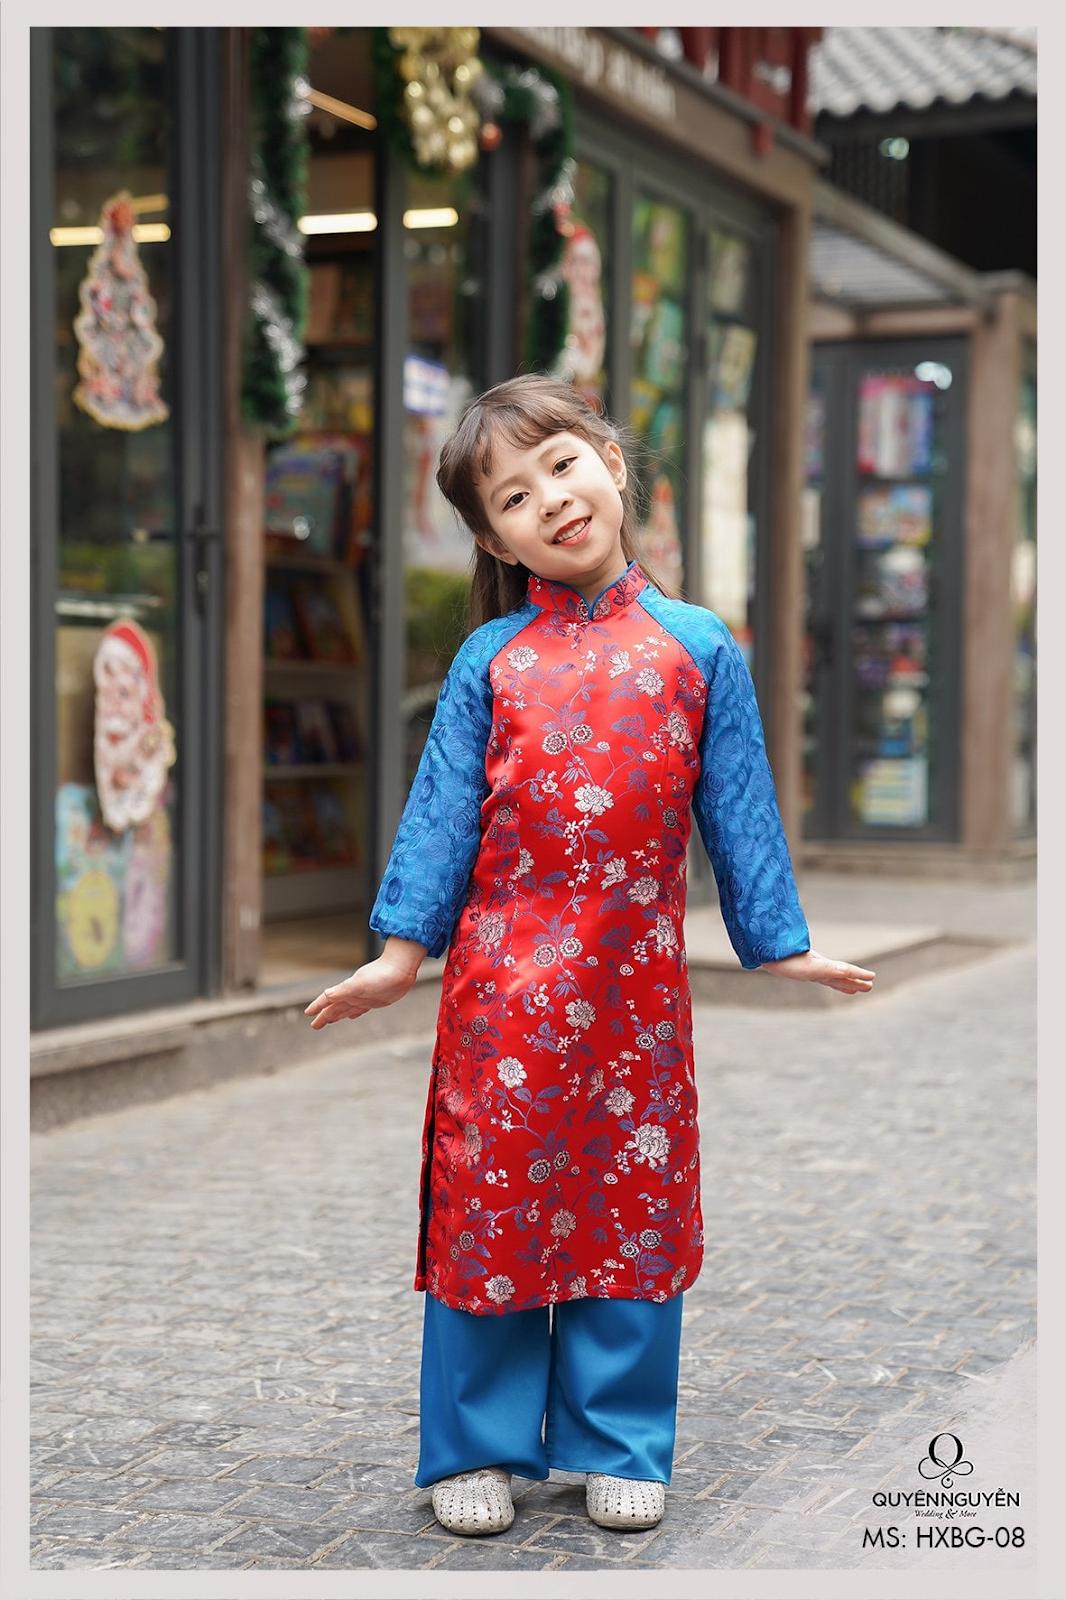 Áo dài trẻ em tông xanh phối đỏ in hoạ tiết 3D